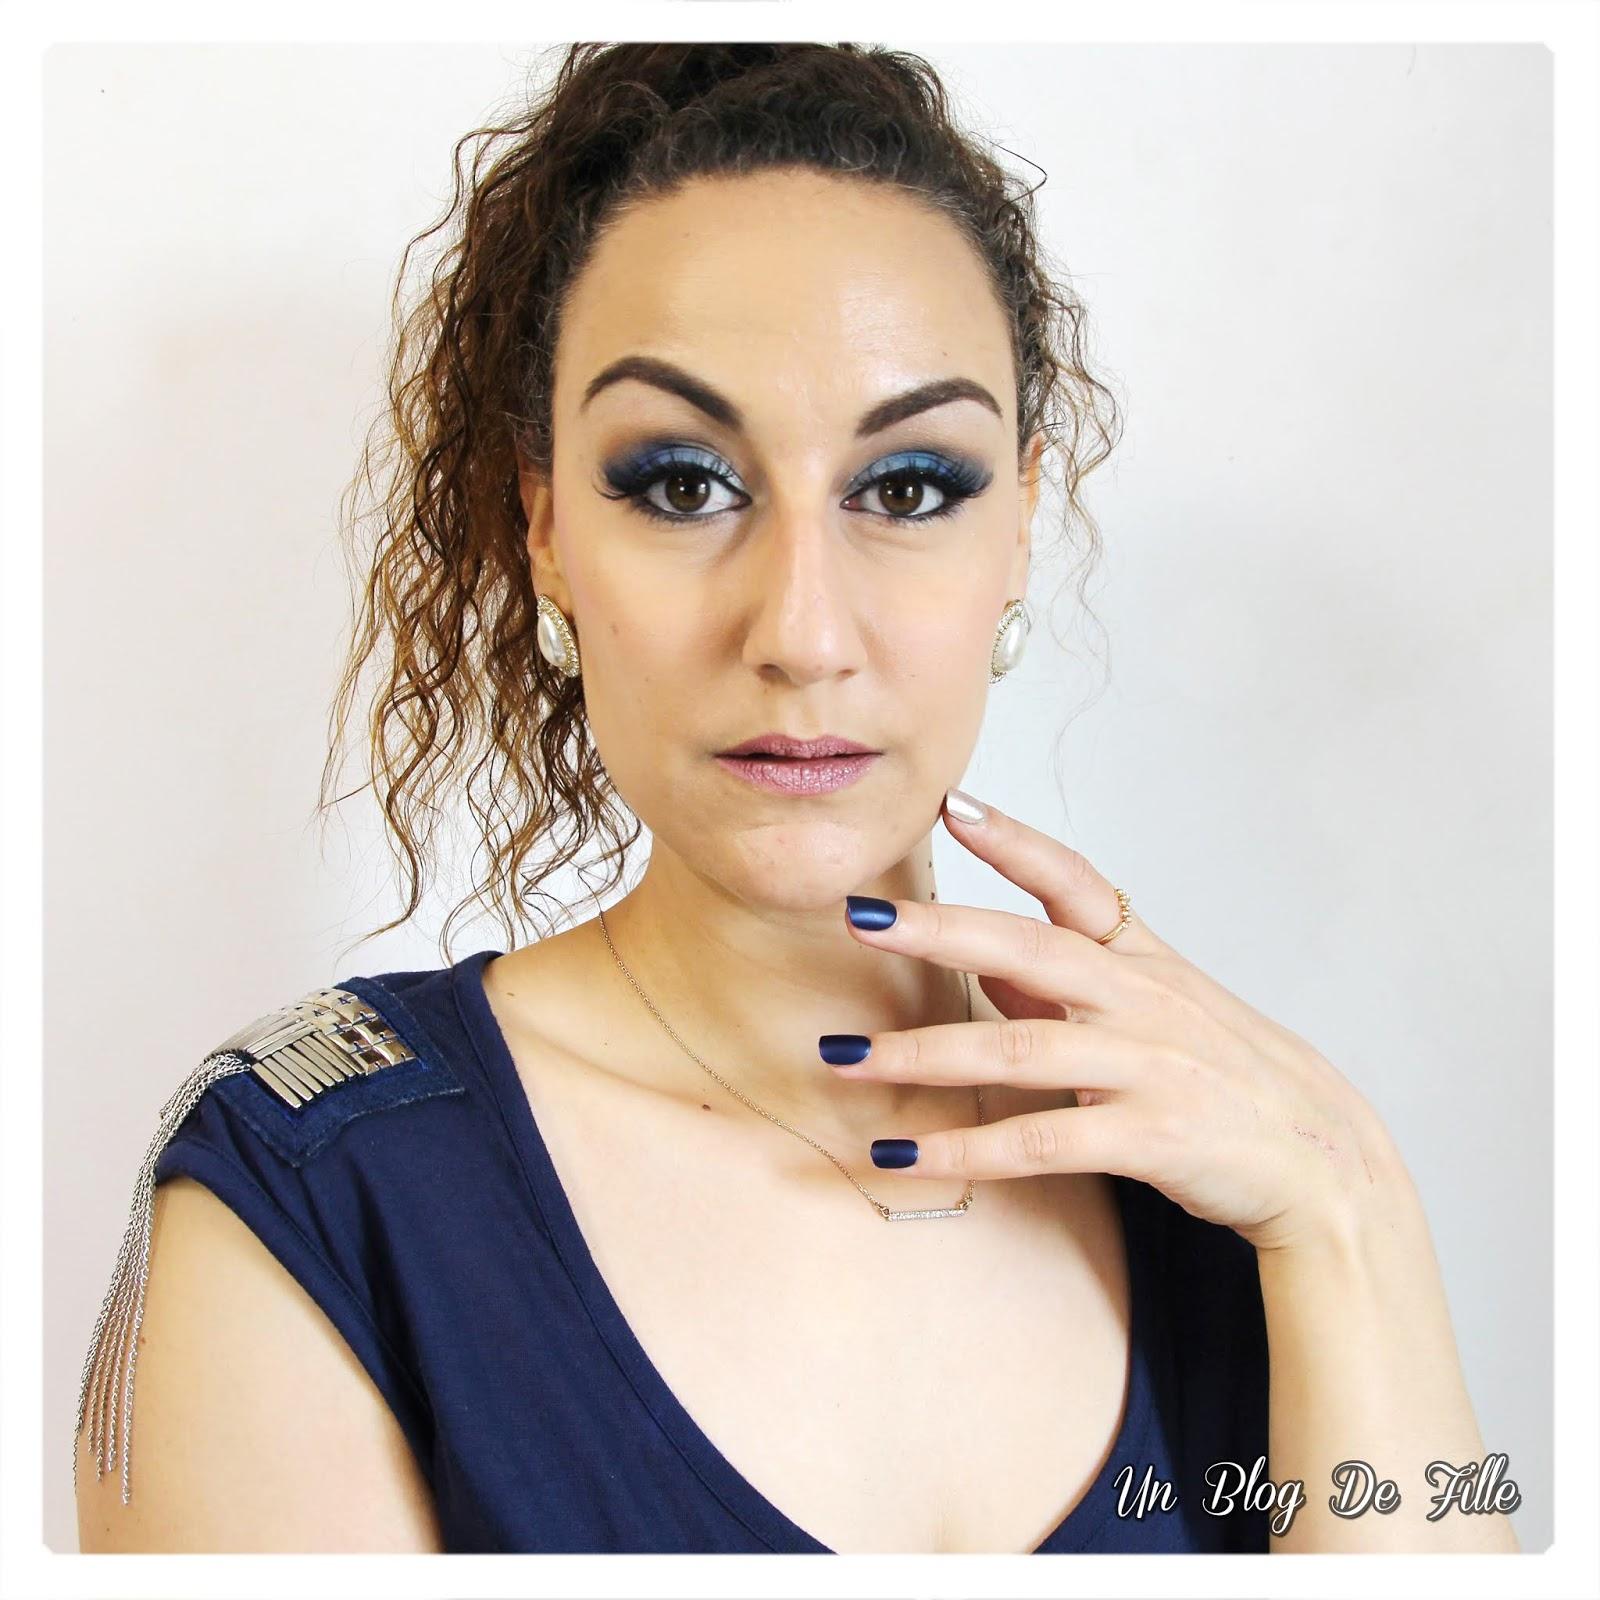 http://www.unblogdefille.fr/2020/03/maquillage-le-bleu-couleur-de-lannee.html